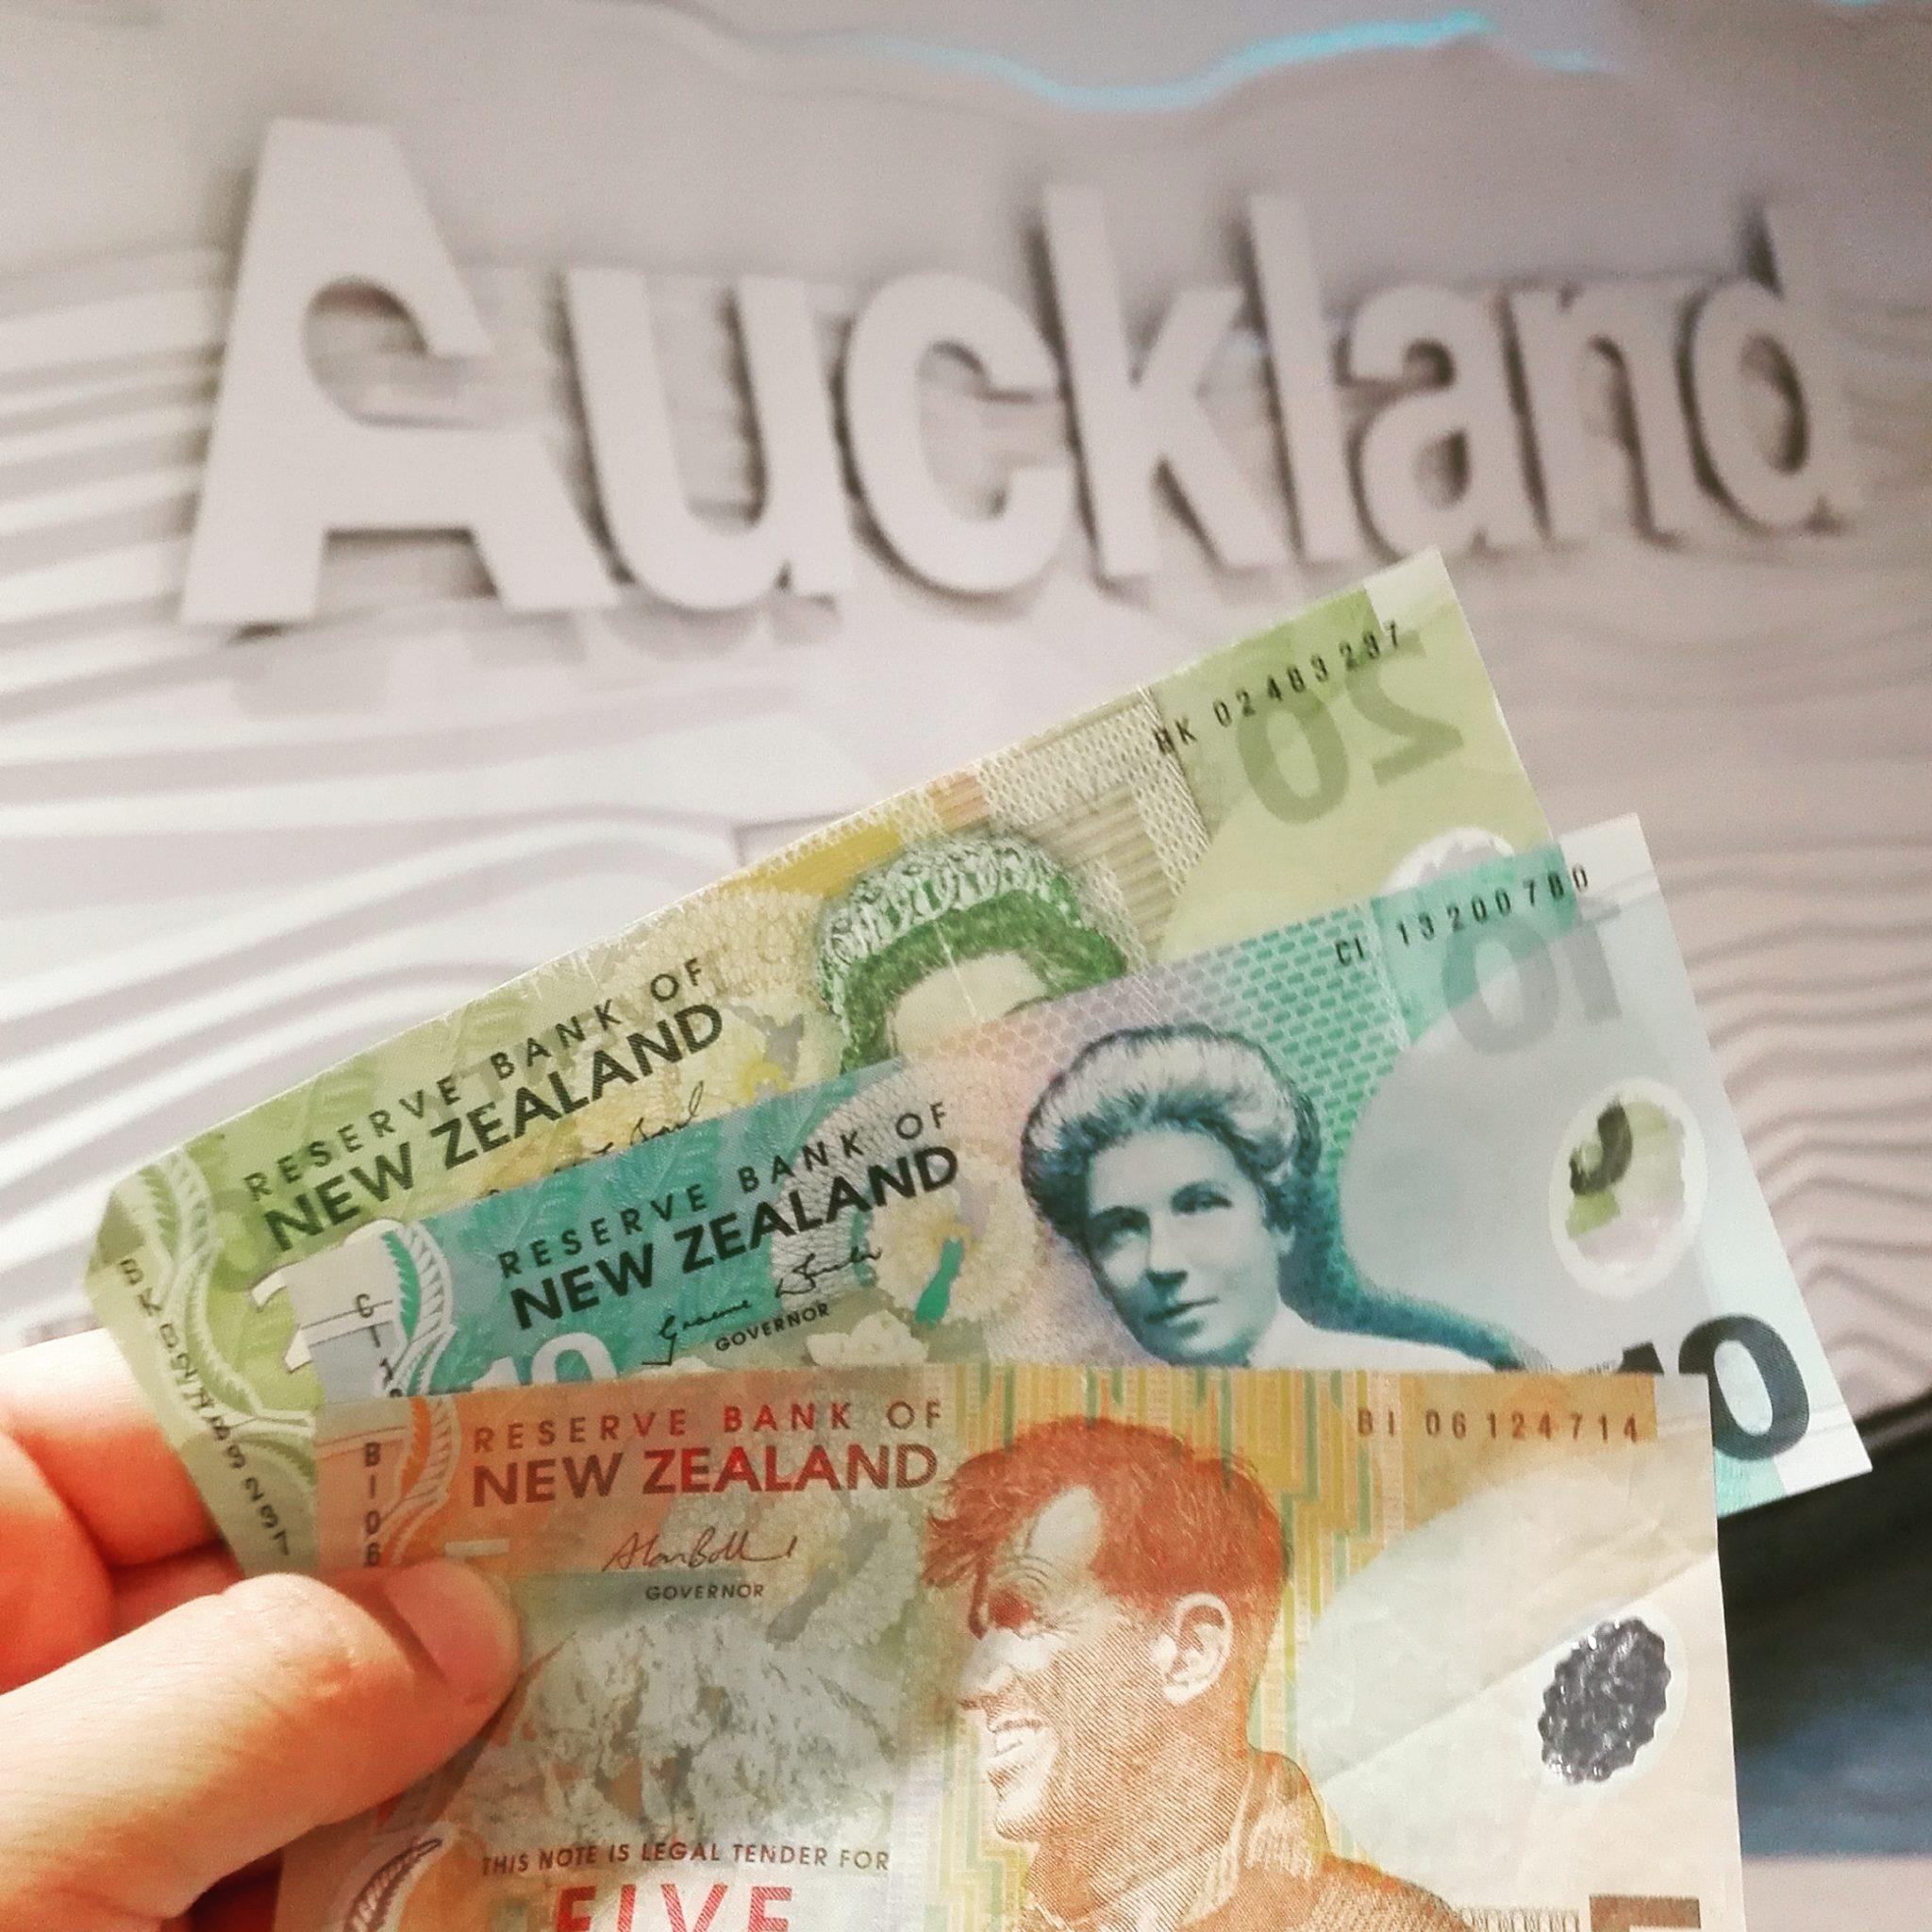 Llegada a Auckland en aeropuerto cambiando dinero